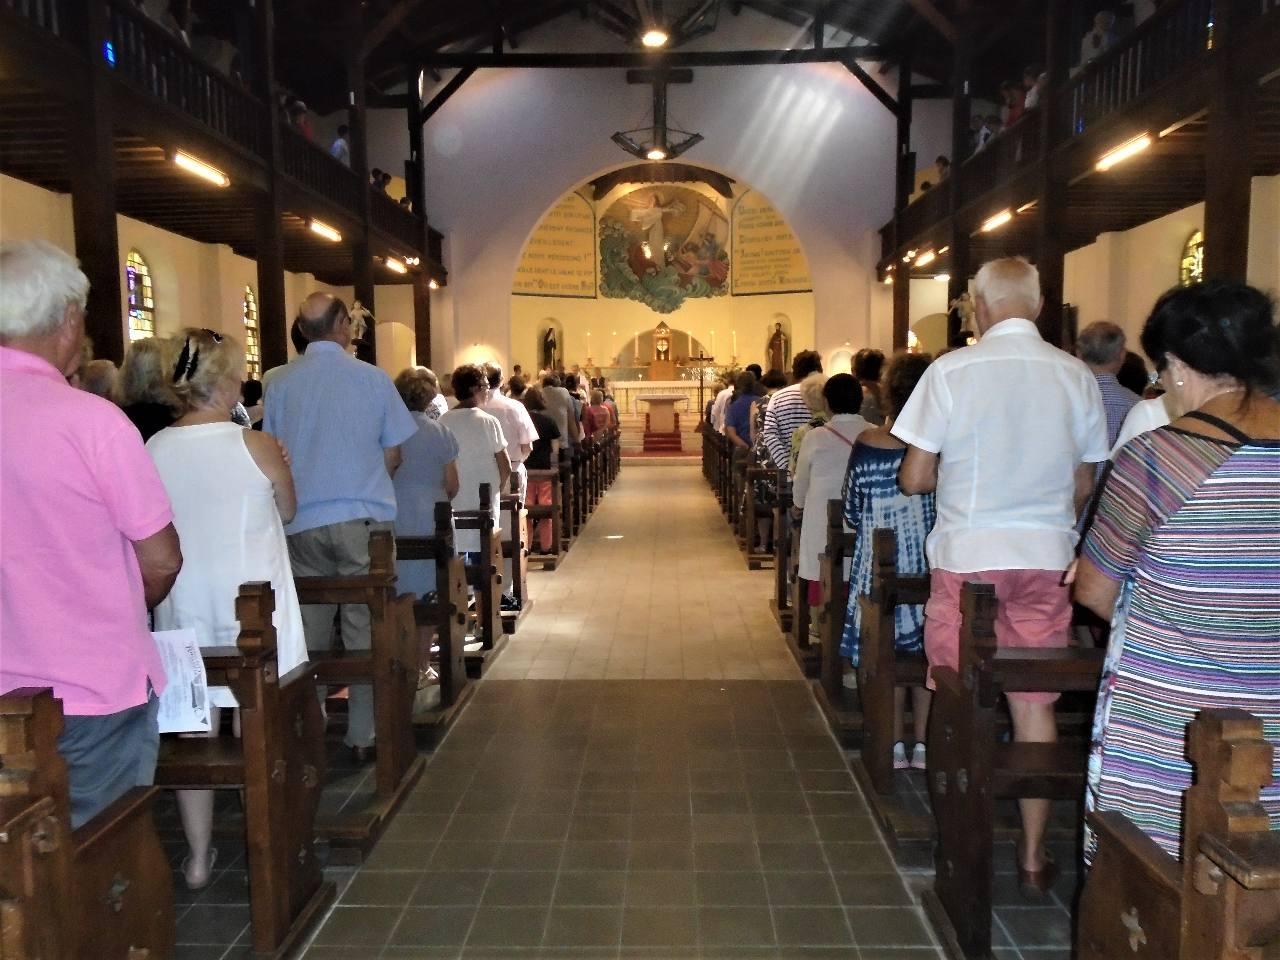 """♫♫ Dans l'église : """" Je crois en toi, le Père Tout-Puissant, ... Jésus qui est Sauveur, ...Esprit de Sainteté ; Amen !"""